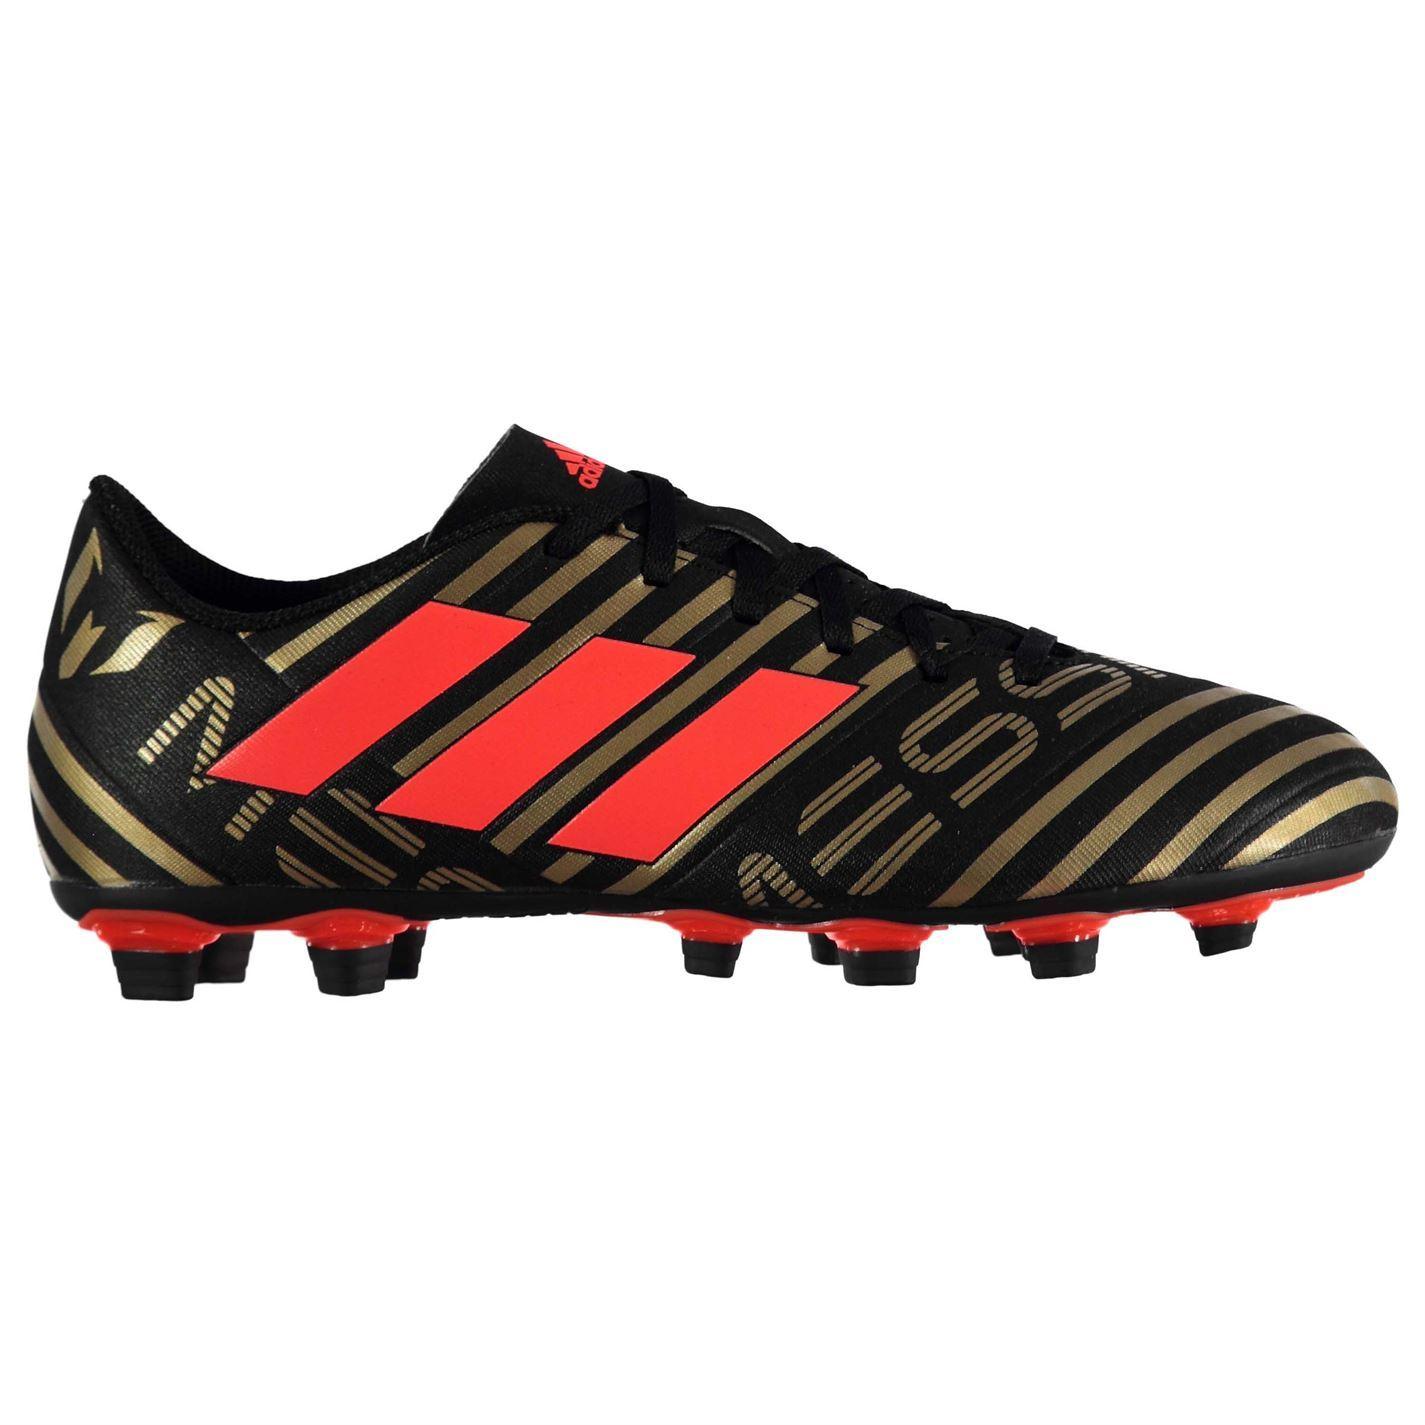 1a45e363d688 ... adidas Nemeziz Messi 17.4 Firm Ground Football Boots Mens Black Soccer  Cleats ...